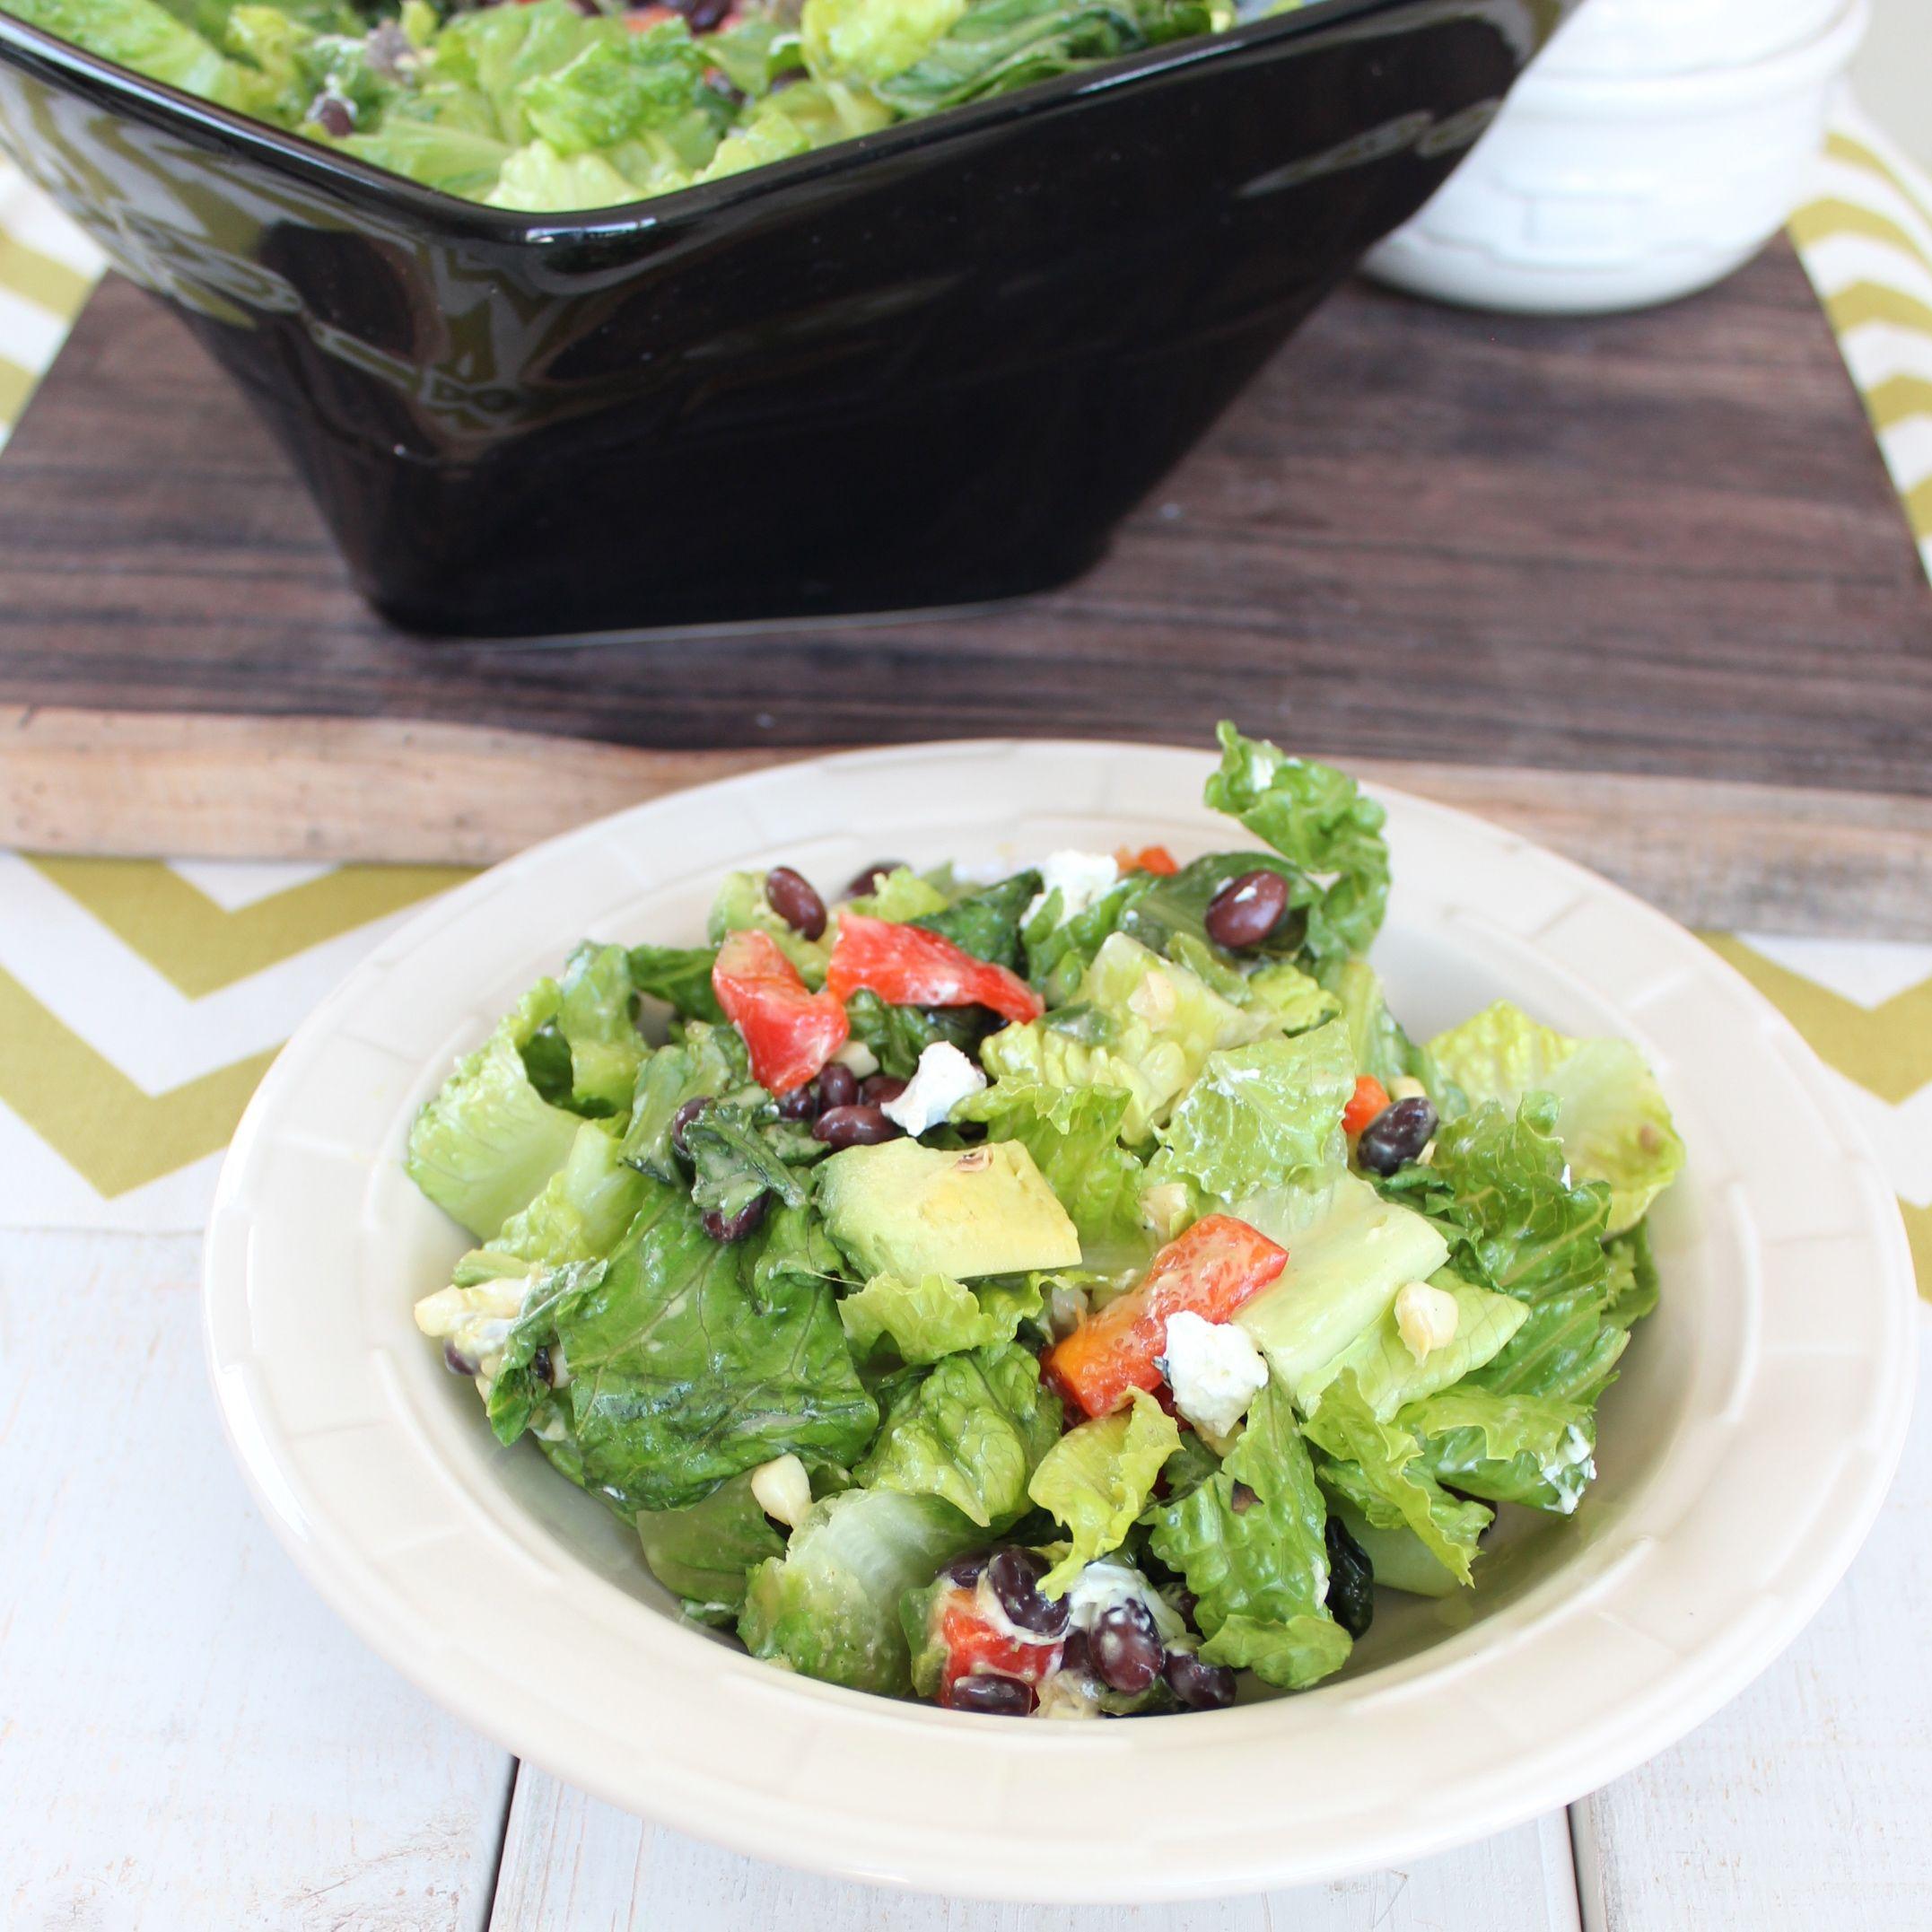 Капустная Диета Салаты. Диетический салат из капусты: лучшие рецепты